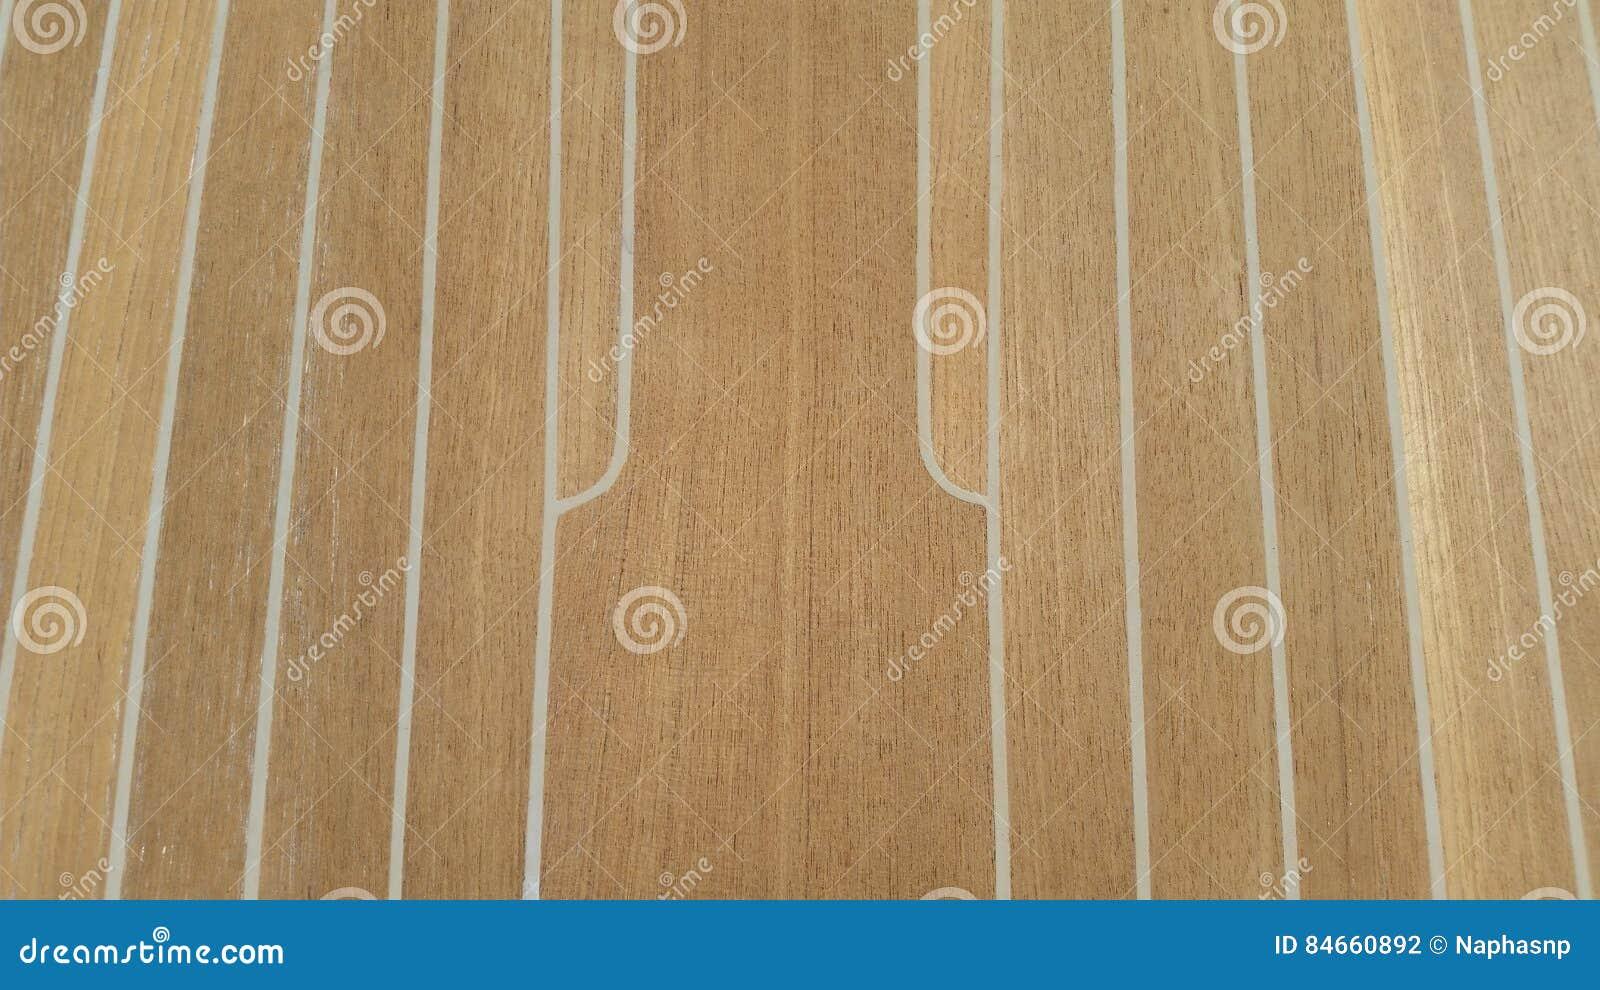 Teak deck texture background